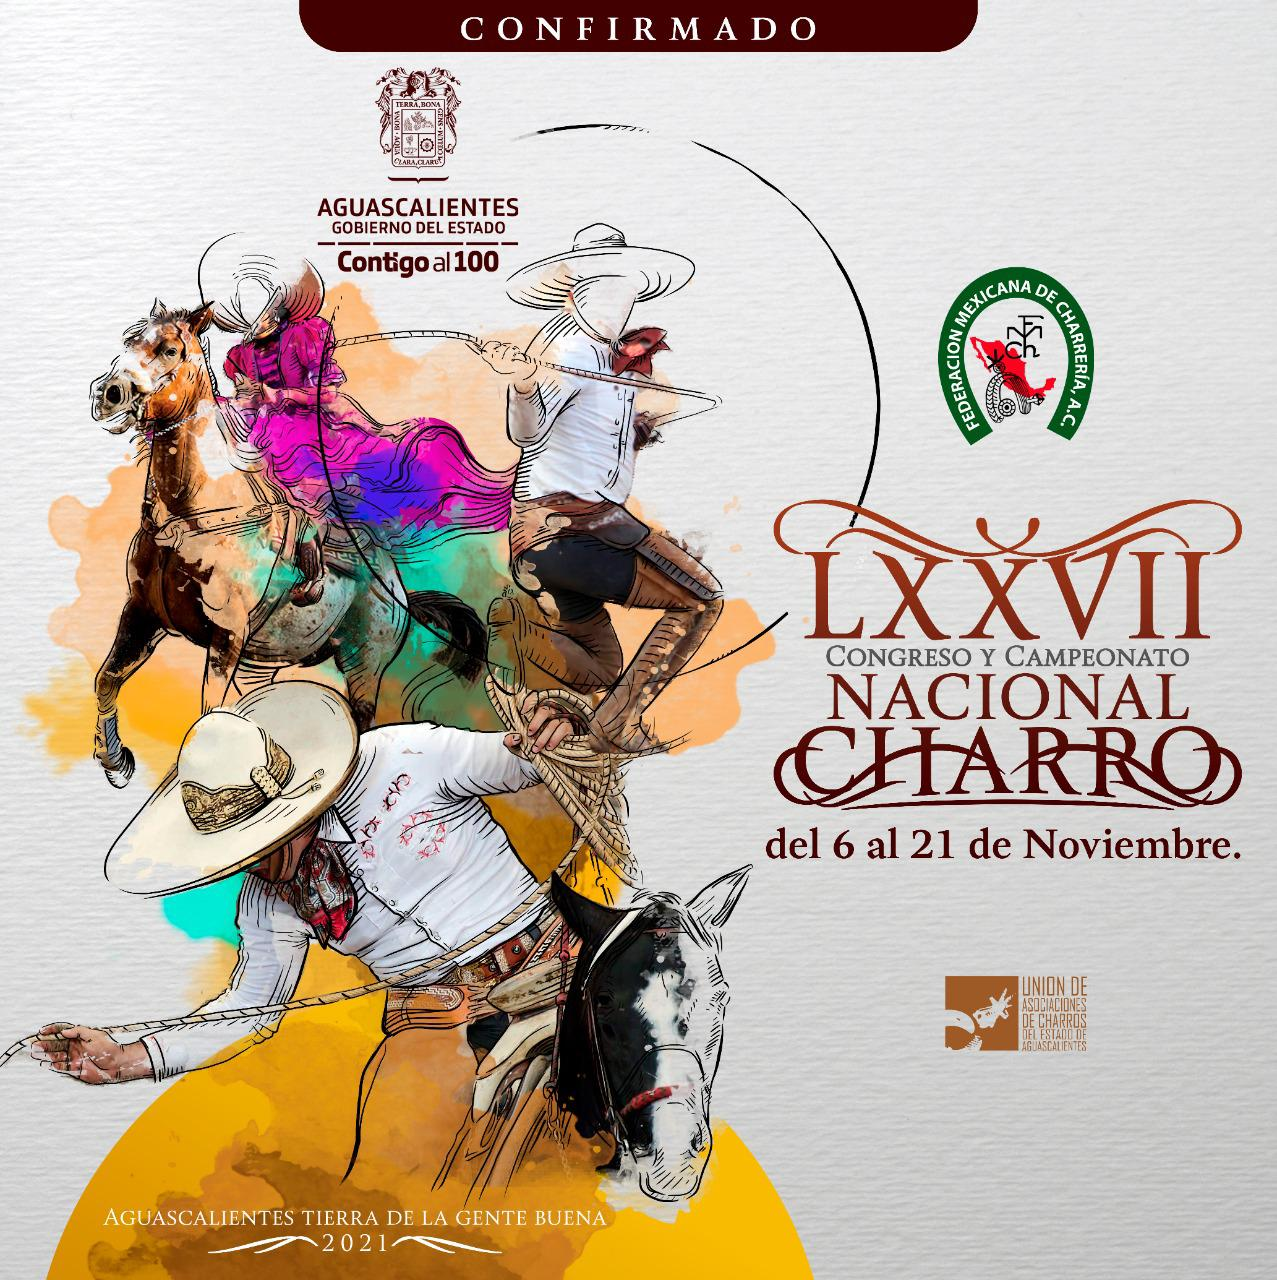 LXXVII Congreso y Campeonato Nacional Charro 2021 en Aguascalientes